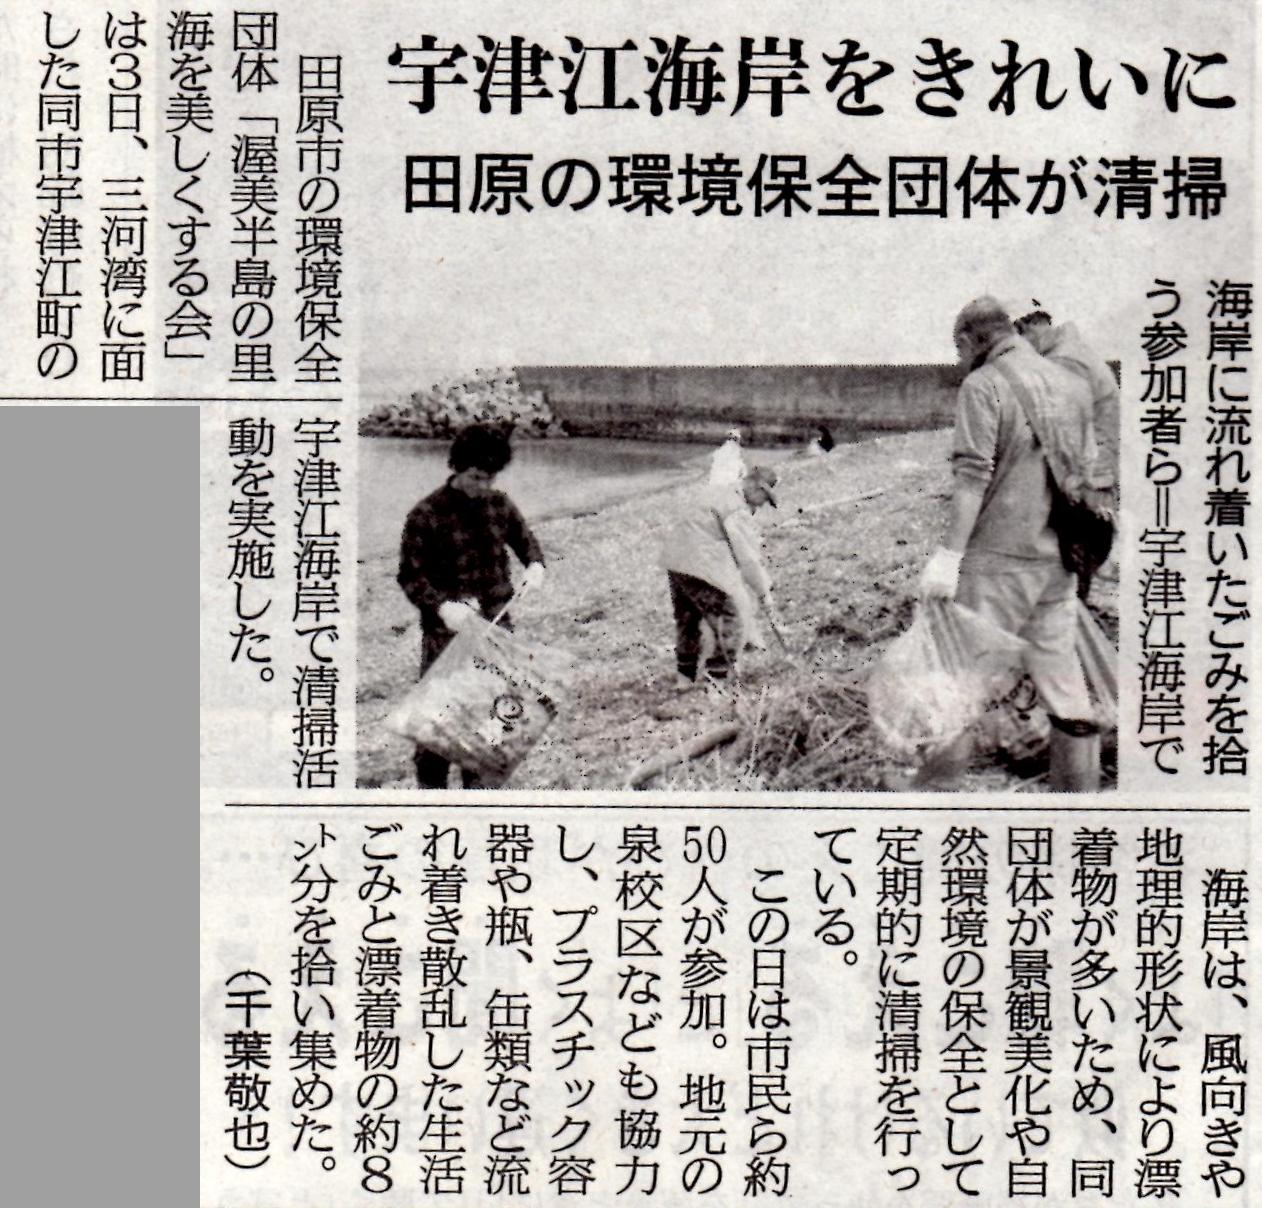 030_東愛知新聞掲載「宇津江海岸をきれいに」